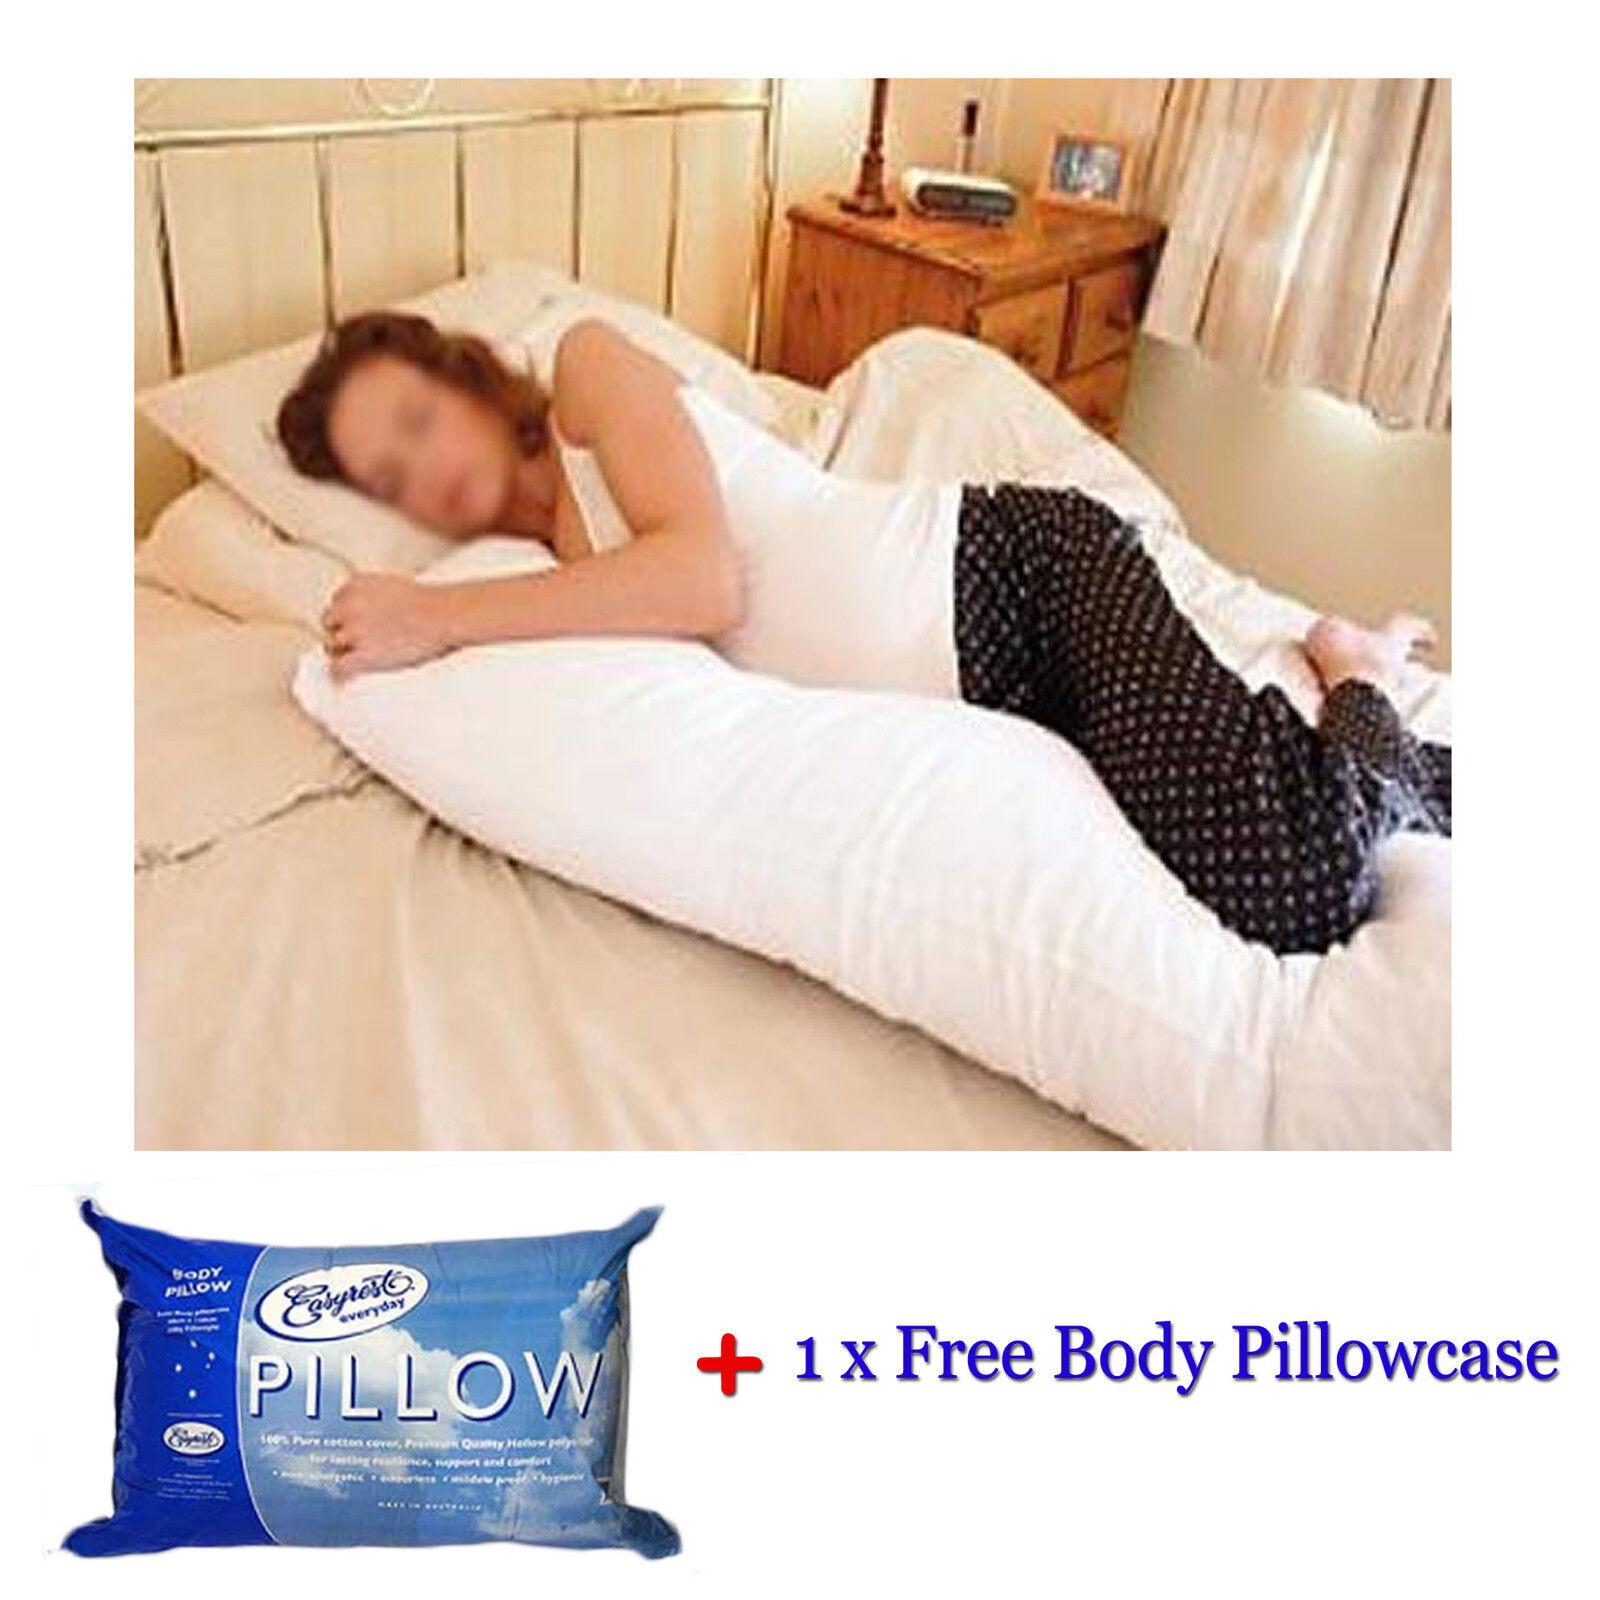 Easyrest BODY Pillow + Pillowcase 48x150cm - MADE IN AUSTRALIA